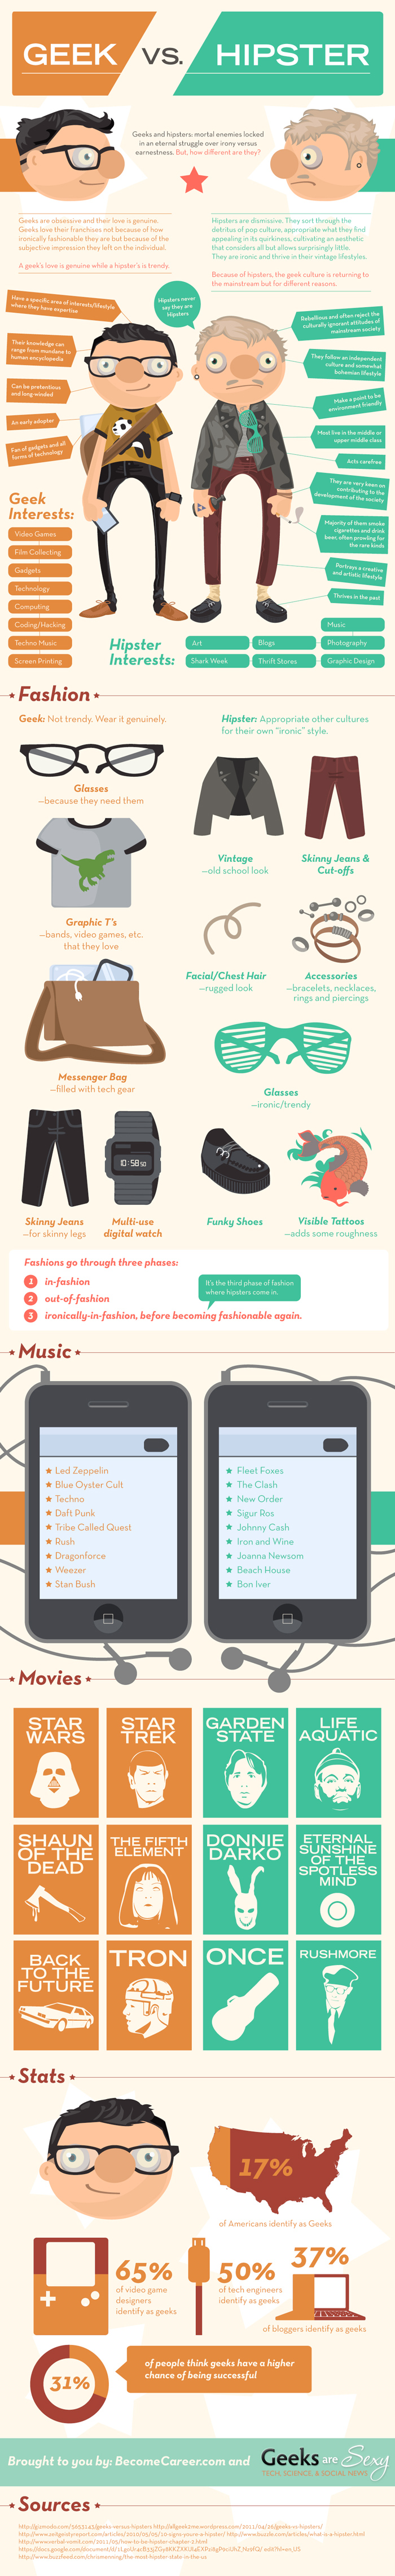 geek-vs-hipster2